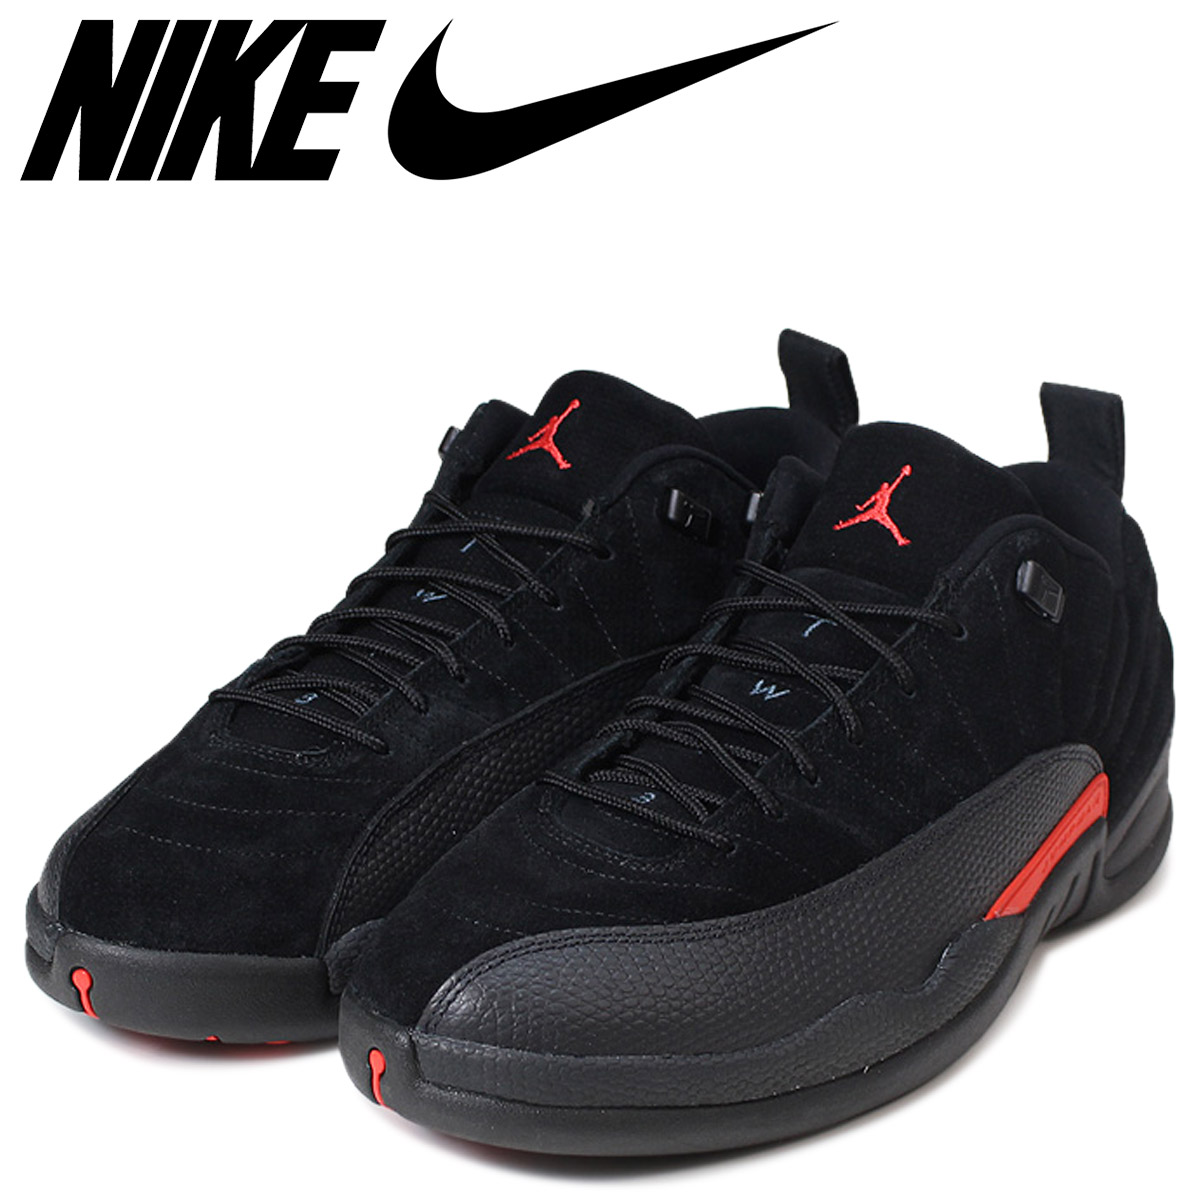 buy popular 63559 99a6c ... switzerland nike nike air jordan 12 nostalgic sneakers air jordan 12  retro low men 308317 003